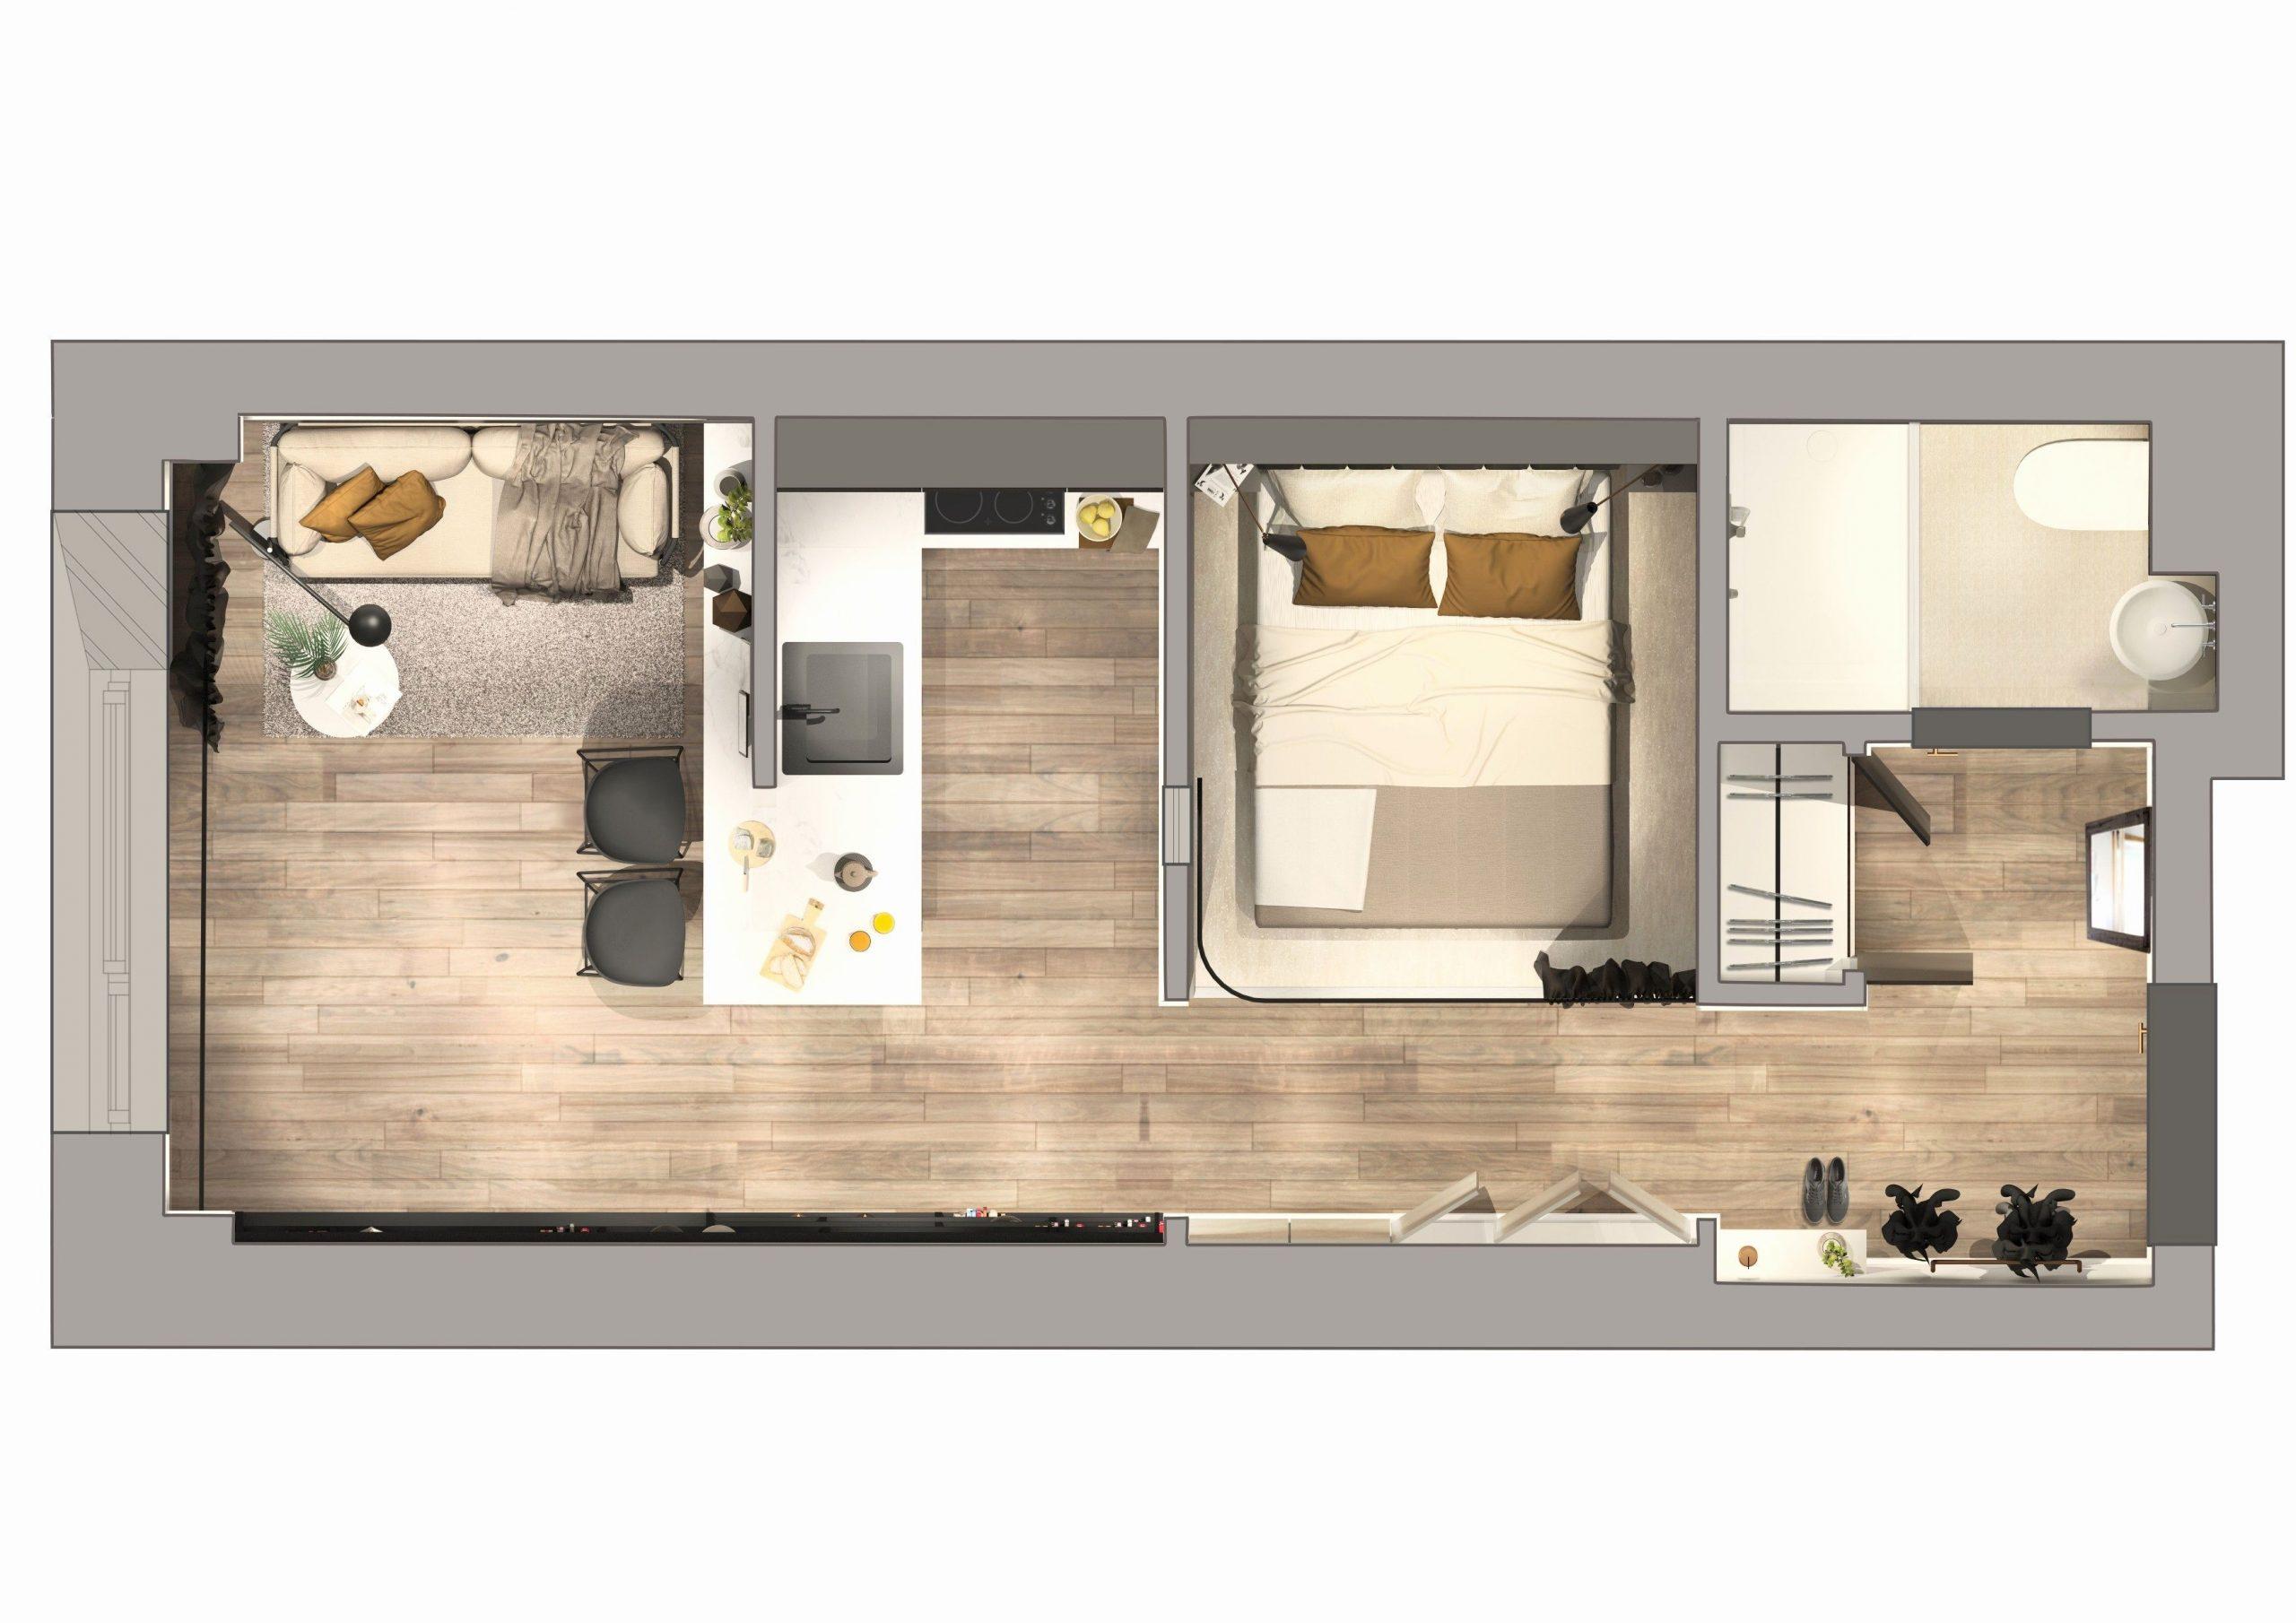 Plan Petite Maison 30M2 - Décoration Design Maison | Un pour Cuisine Salon 30M2